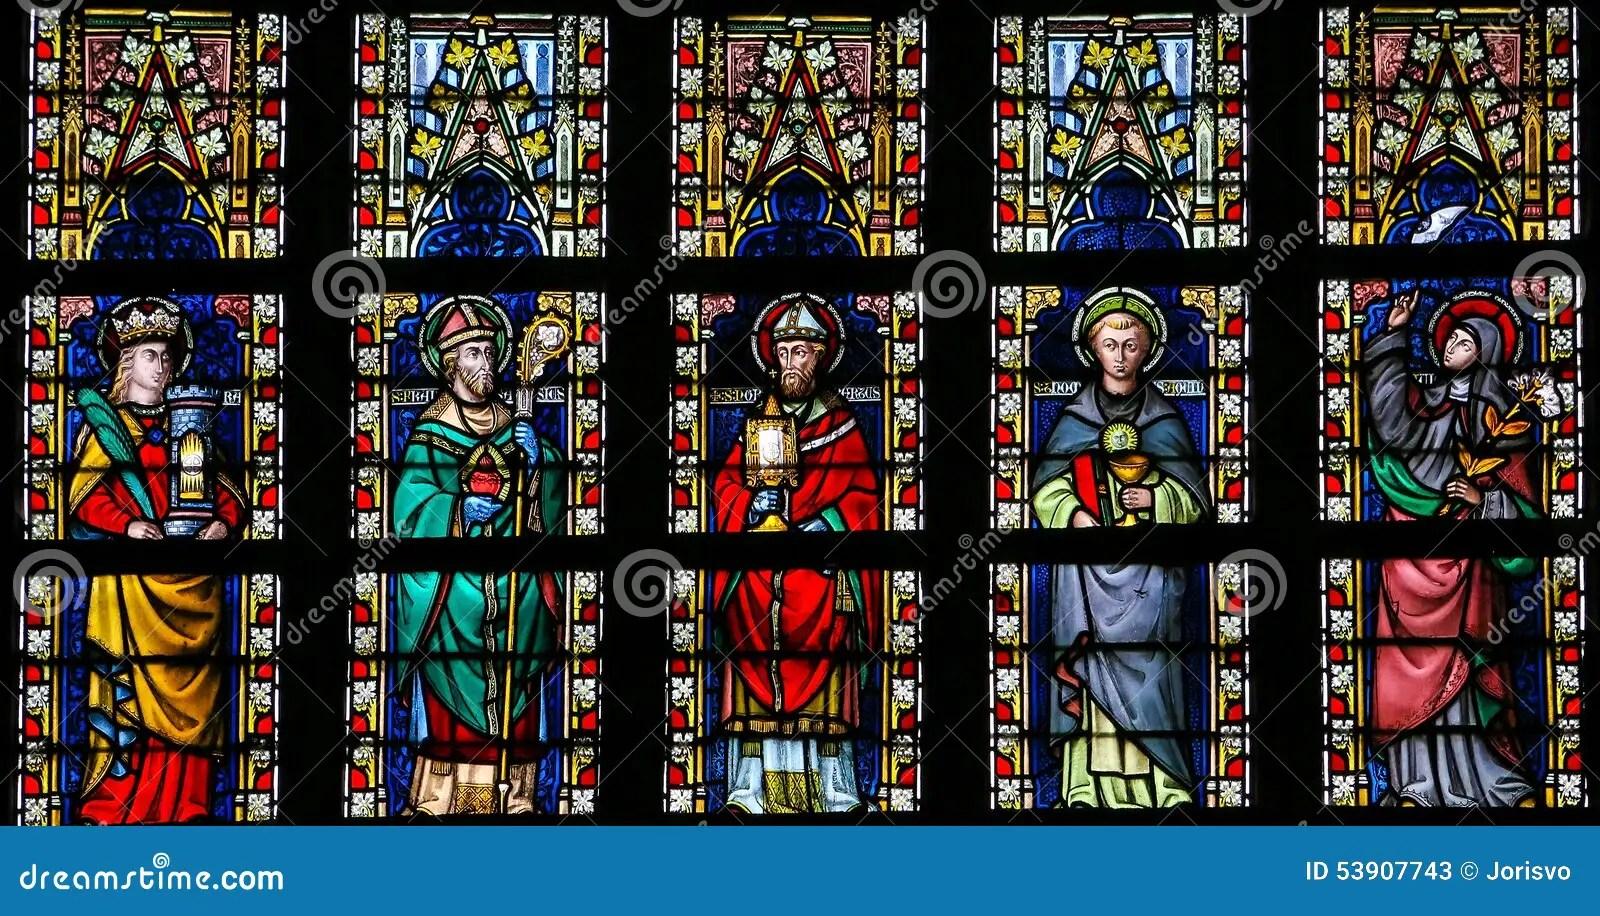 Jesus Wallpaper Hd 3d Download Fen 234 Tre En Verre Teint 233 D 233 Peignant Les Saints Catholiques